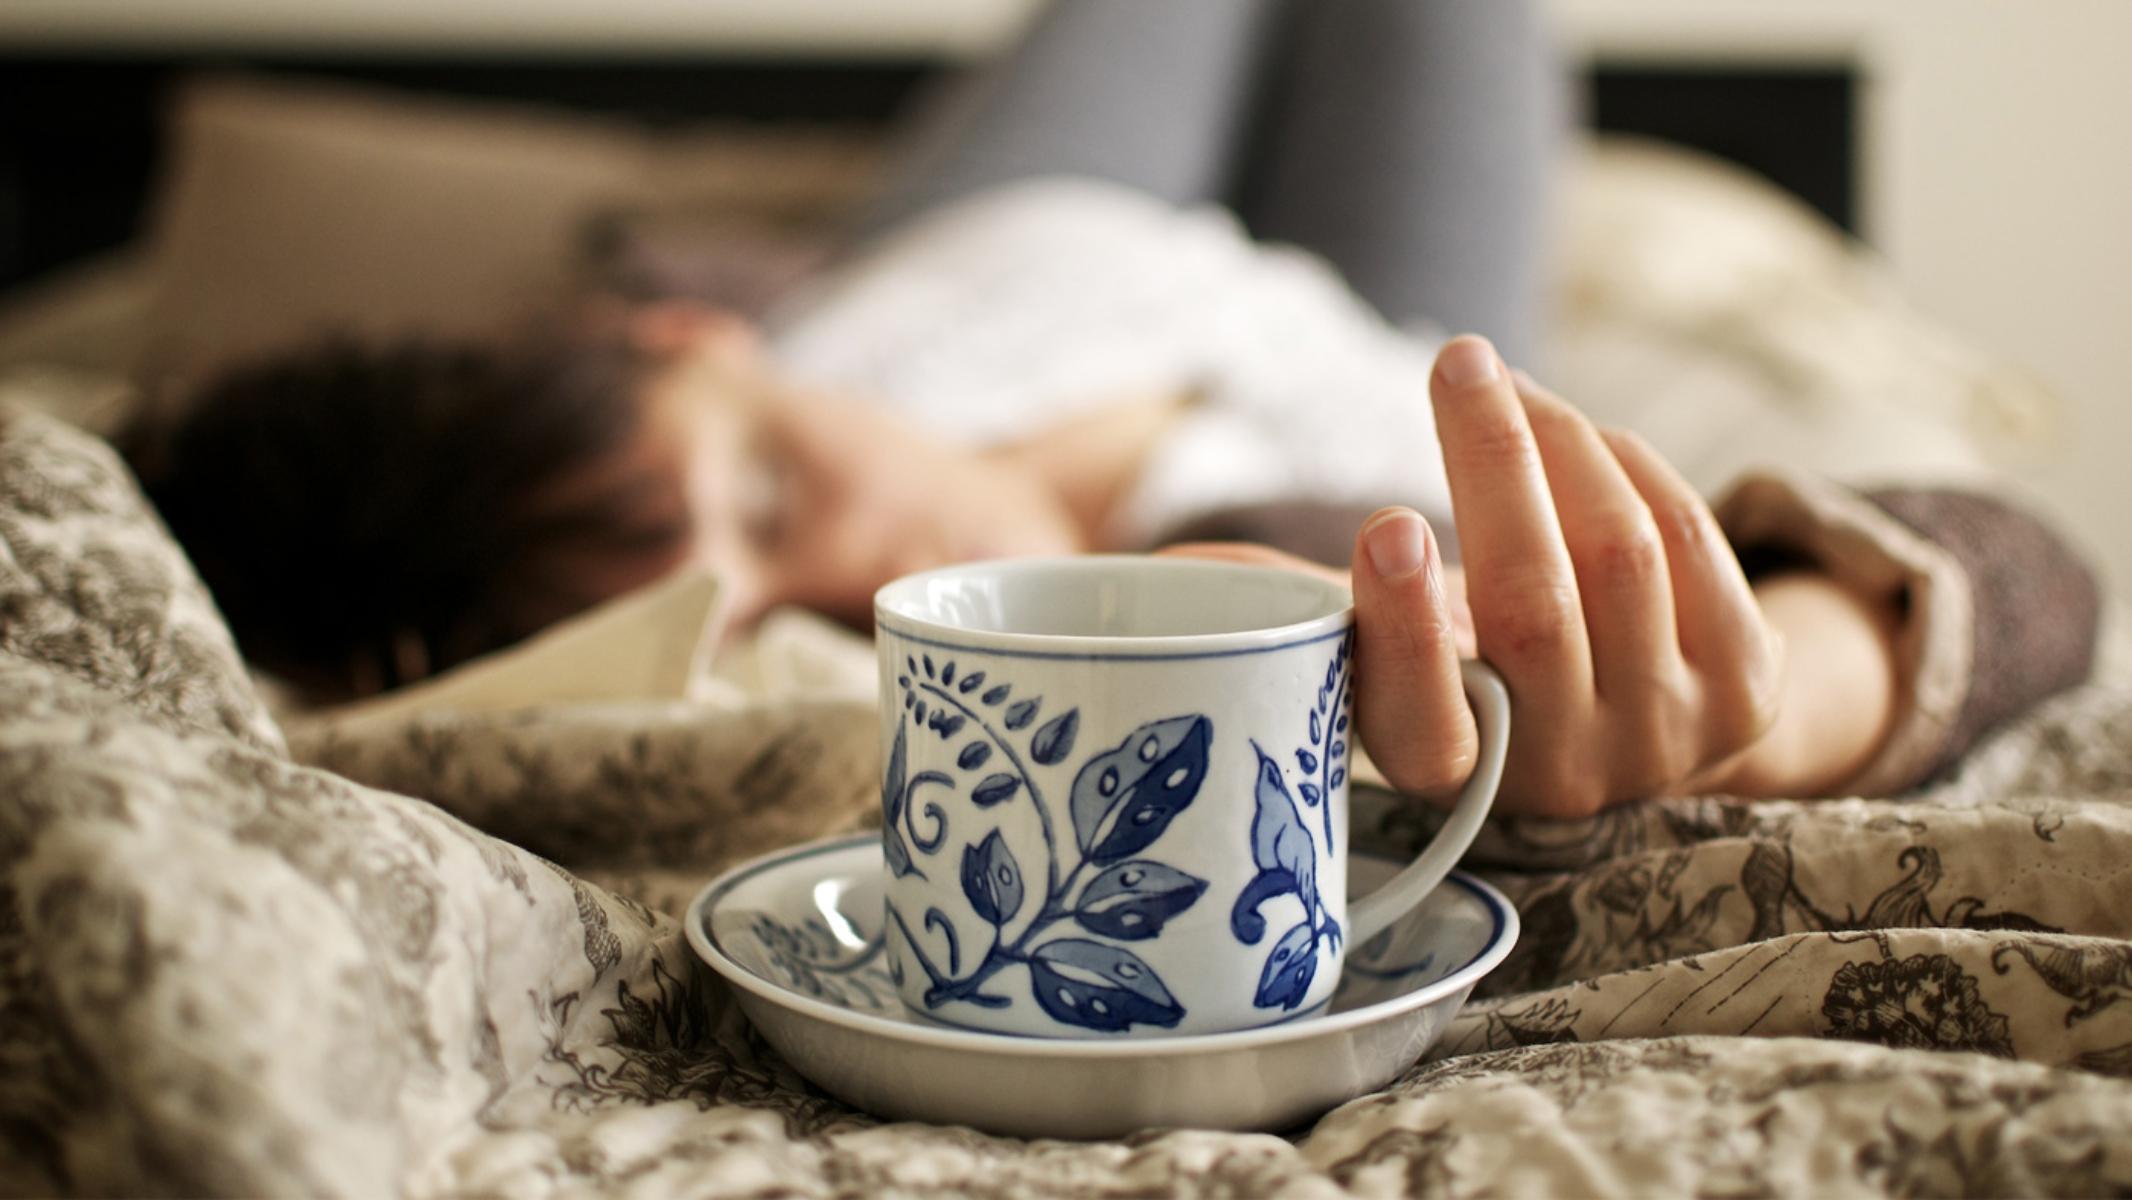 Καφεΐνη και ύπνος: Ένας καφές πριν τον ύπνο είναι τελικά εμπόδιο